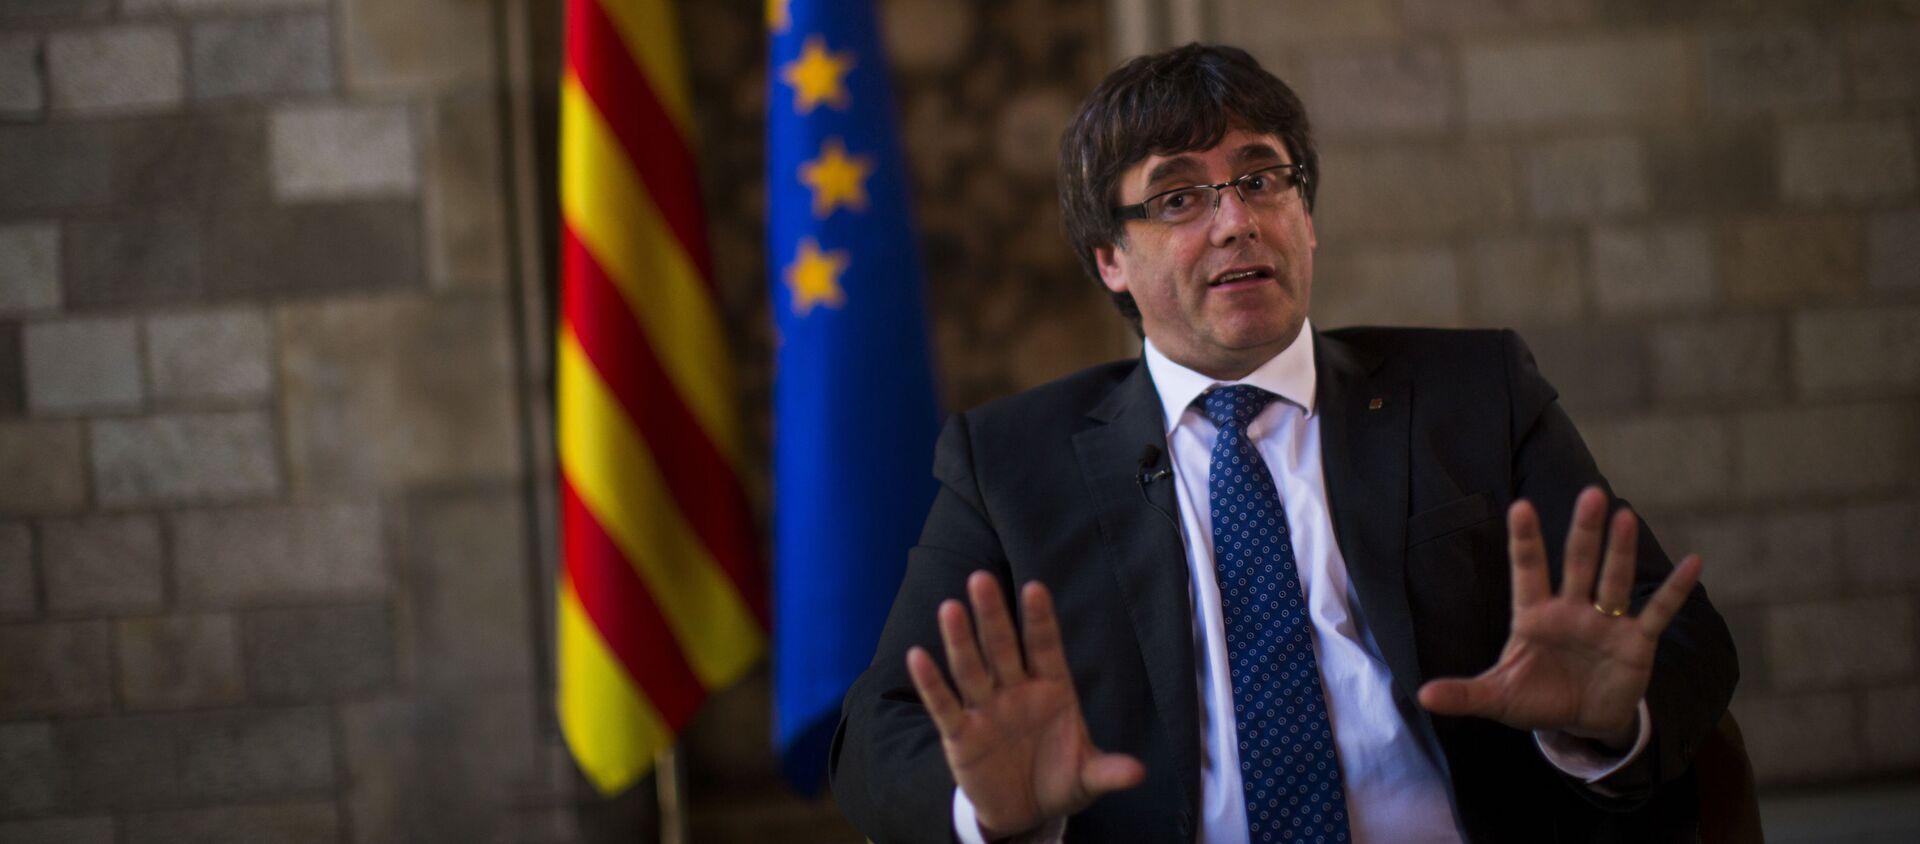 Były szef katalońskiego rządu Carles Puigdemont - Sputnik Polska, 1920, 07.04.2018